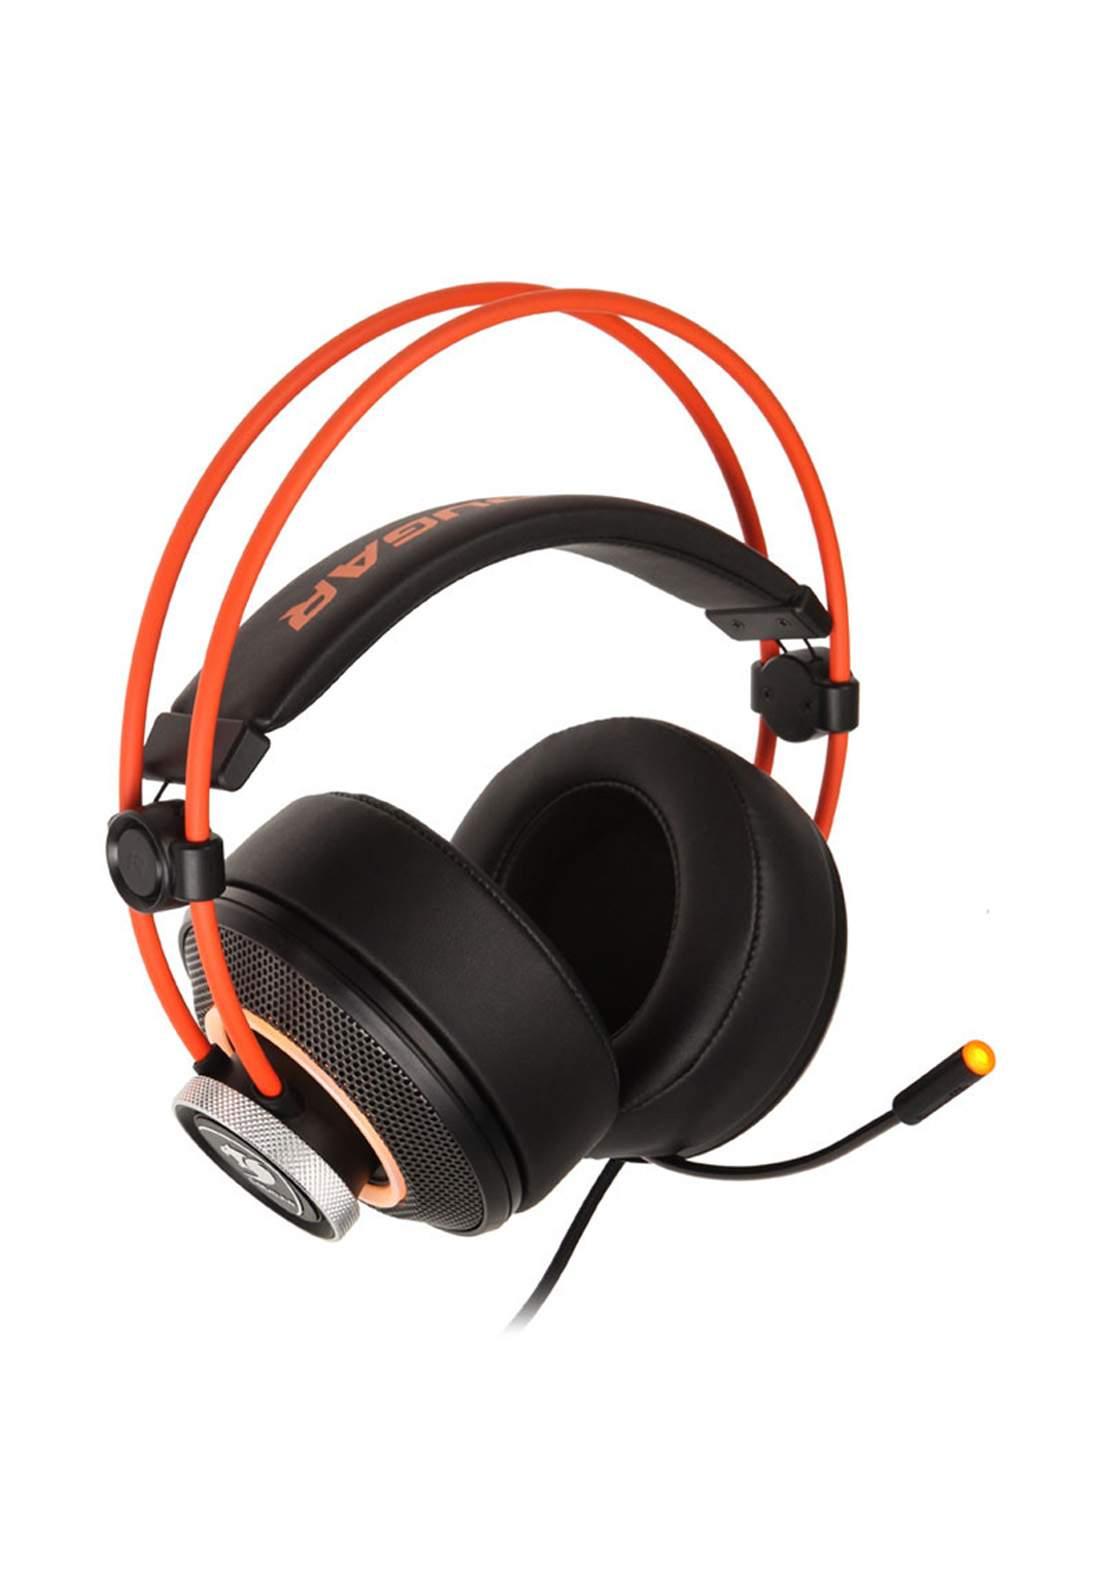 Cougar Immersa Ti Gaming Headset - Black سماعة